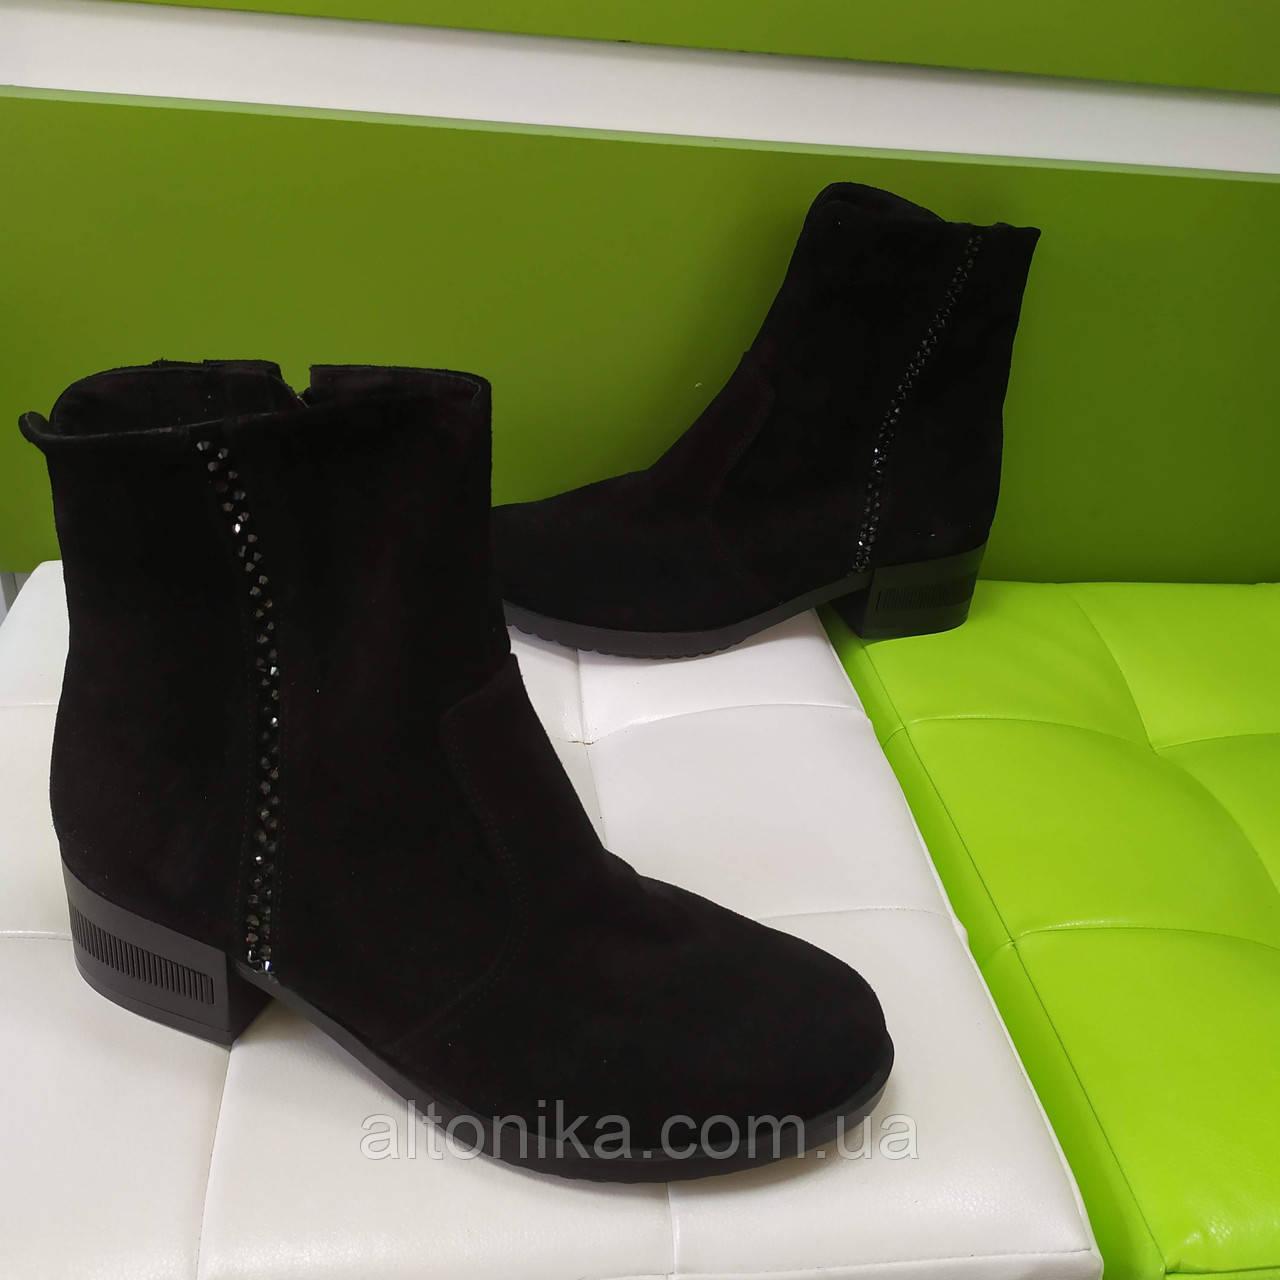 STTOPA деми зима. Размеры 36-41! Ботинки кожаные больших размеров! С9-33-3641-45-3644 Черные